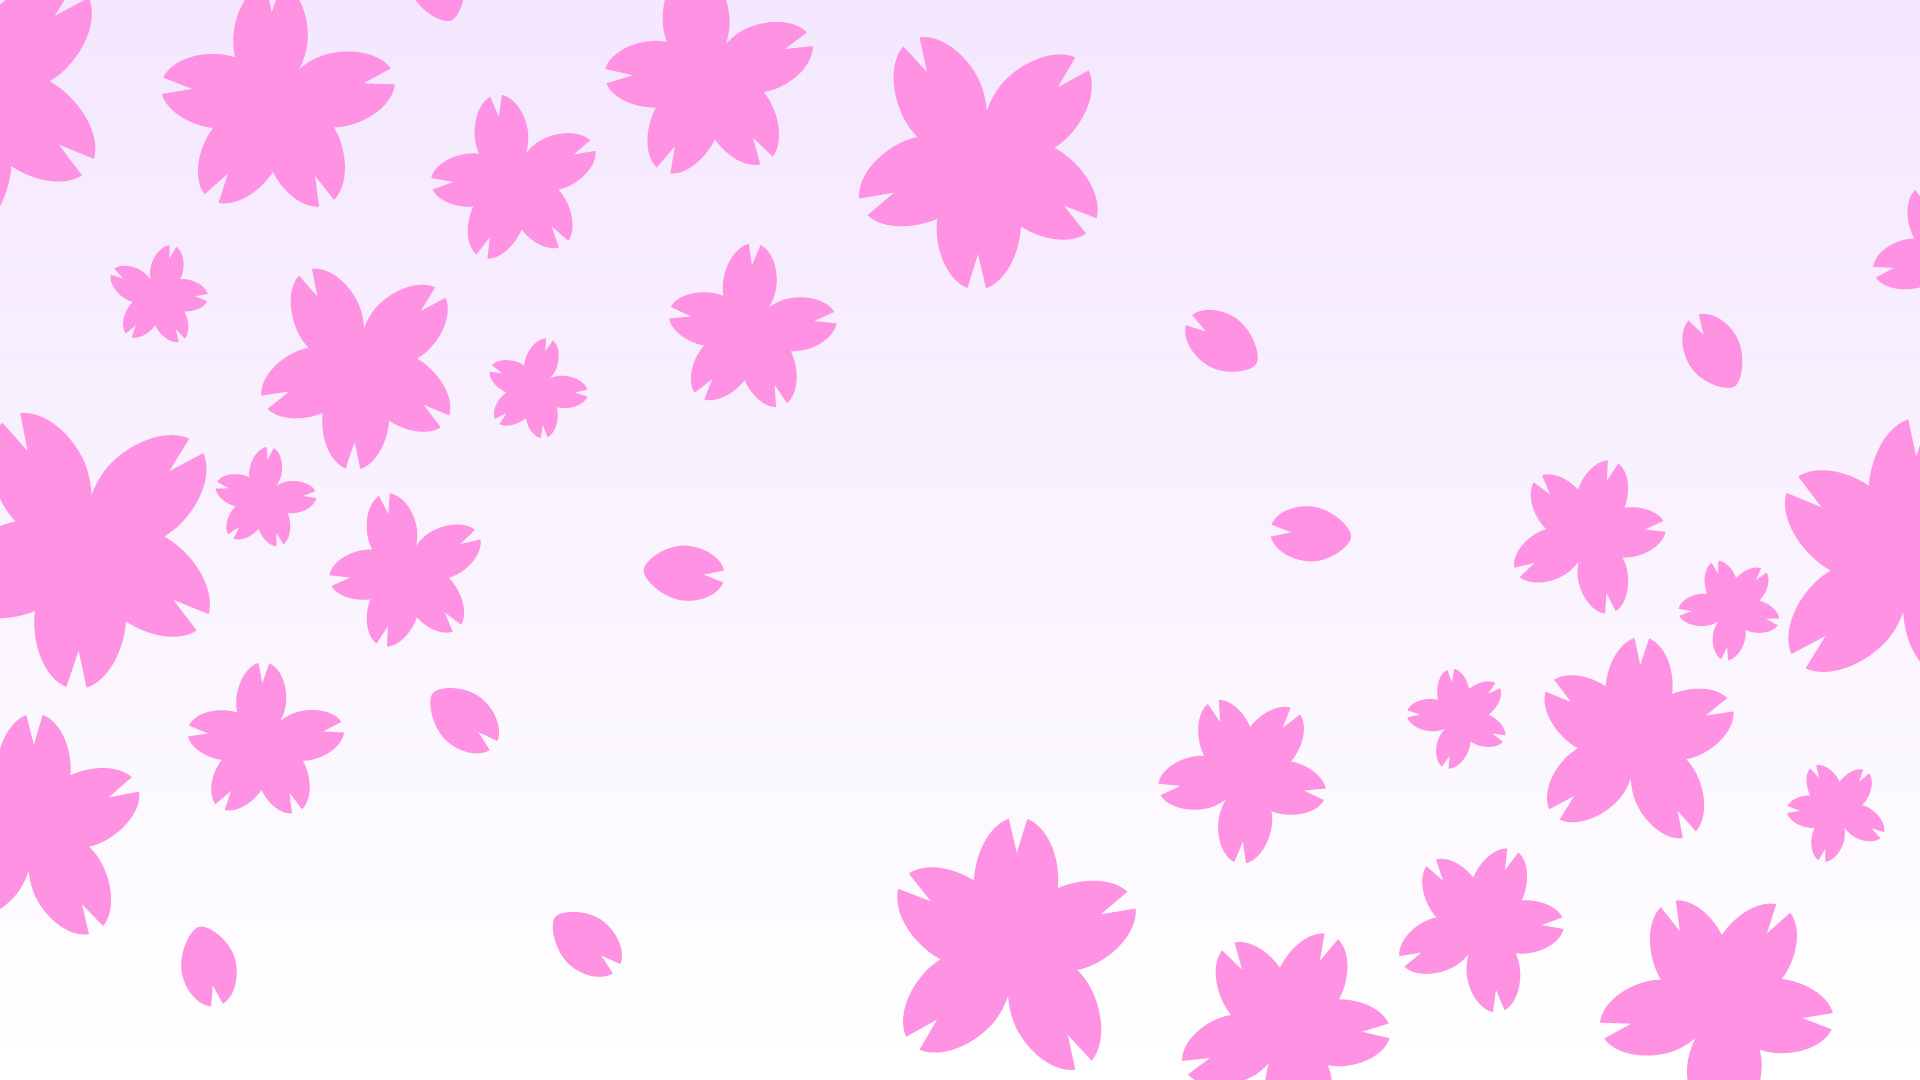 桜の花びらの壁紙・背景素材 1,920px×1,080px